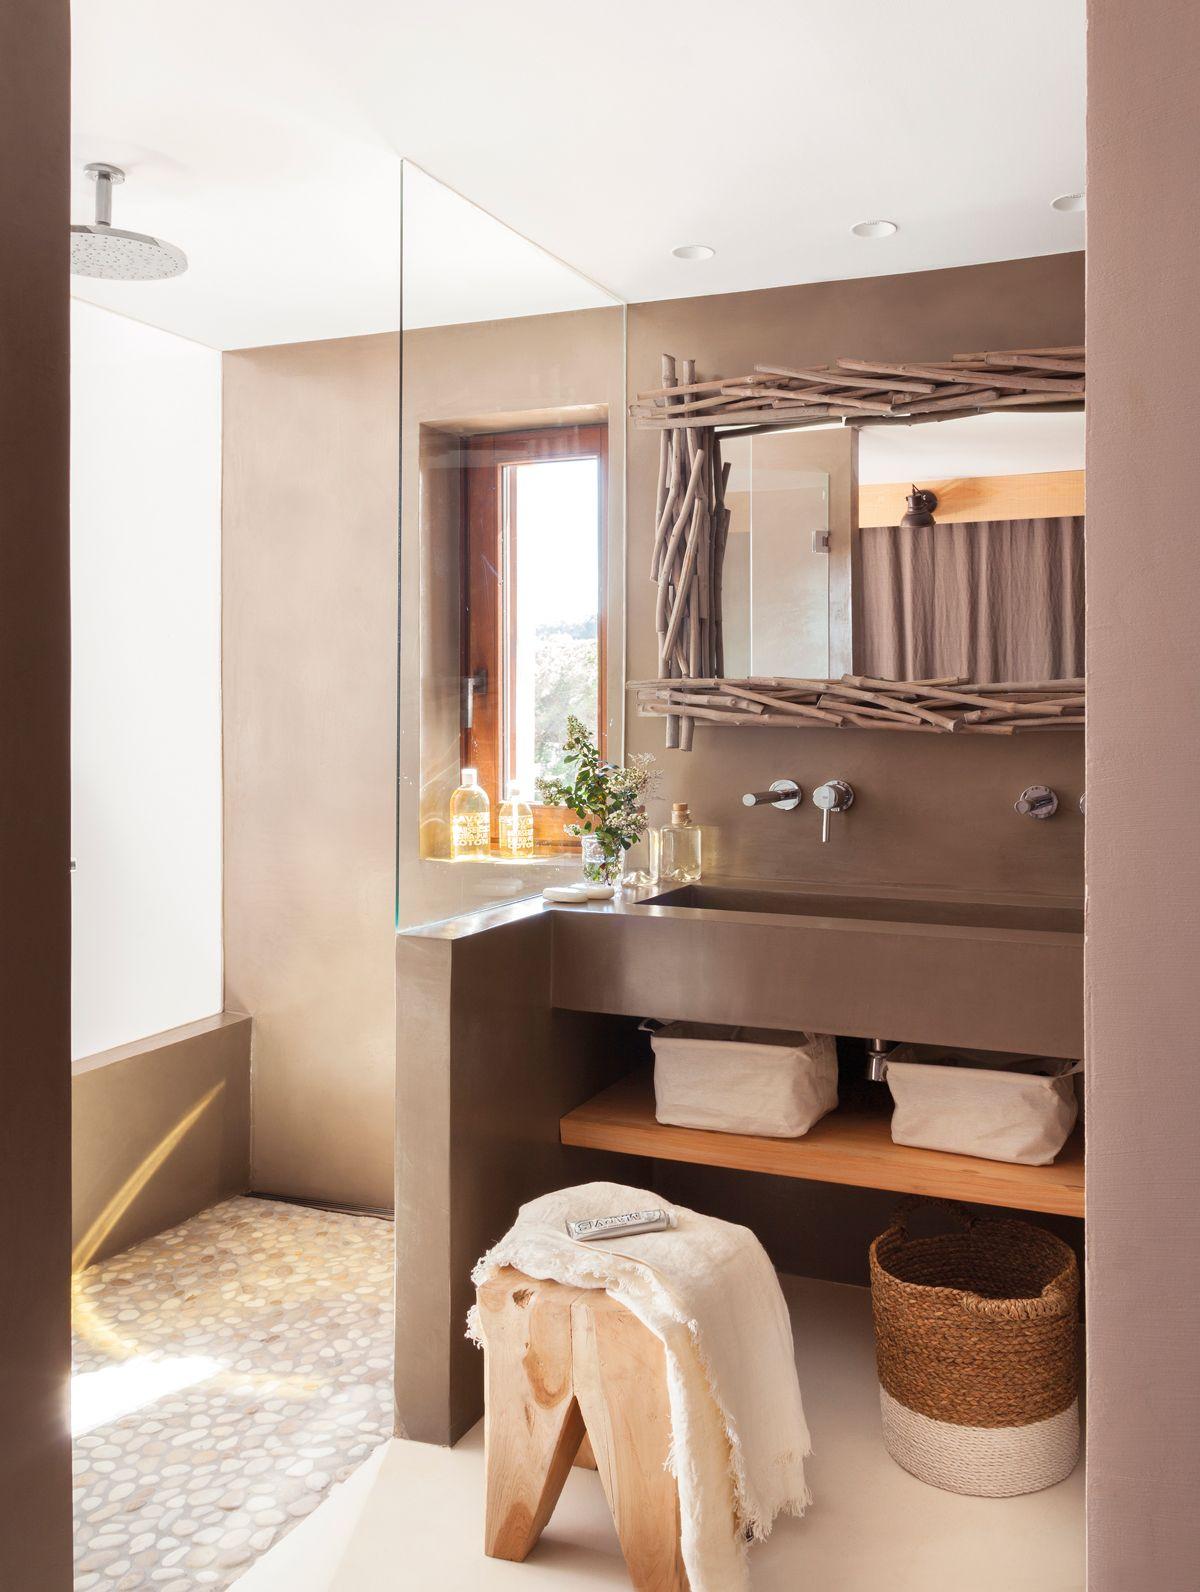 Ba o en microcemento marr n con ducha con murete y - Decoracion con microcemento ...